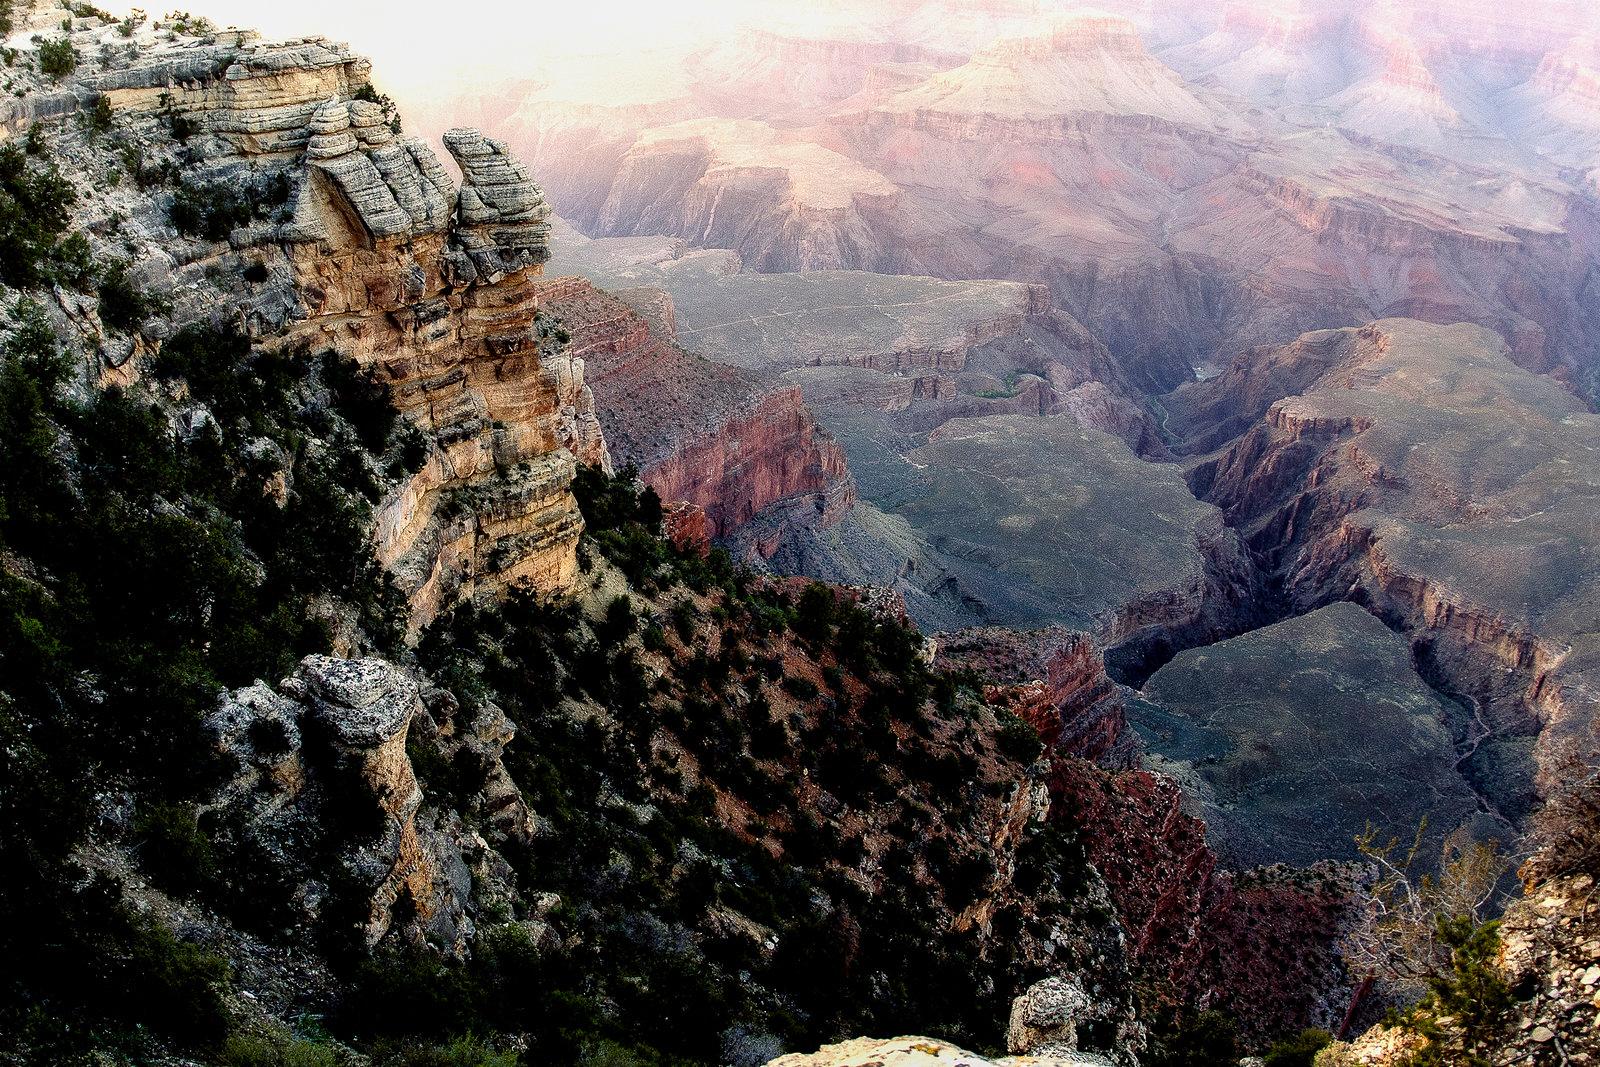 The Grand Canyon - AZ